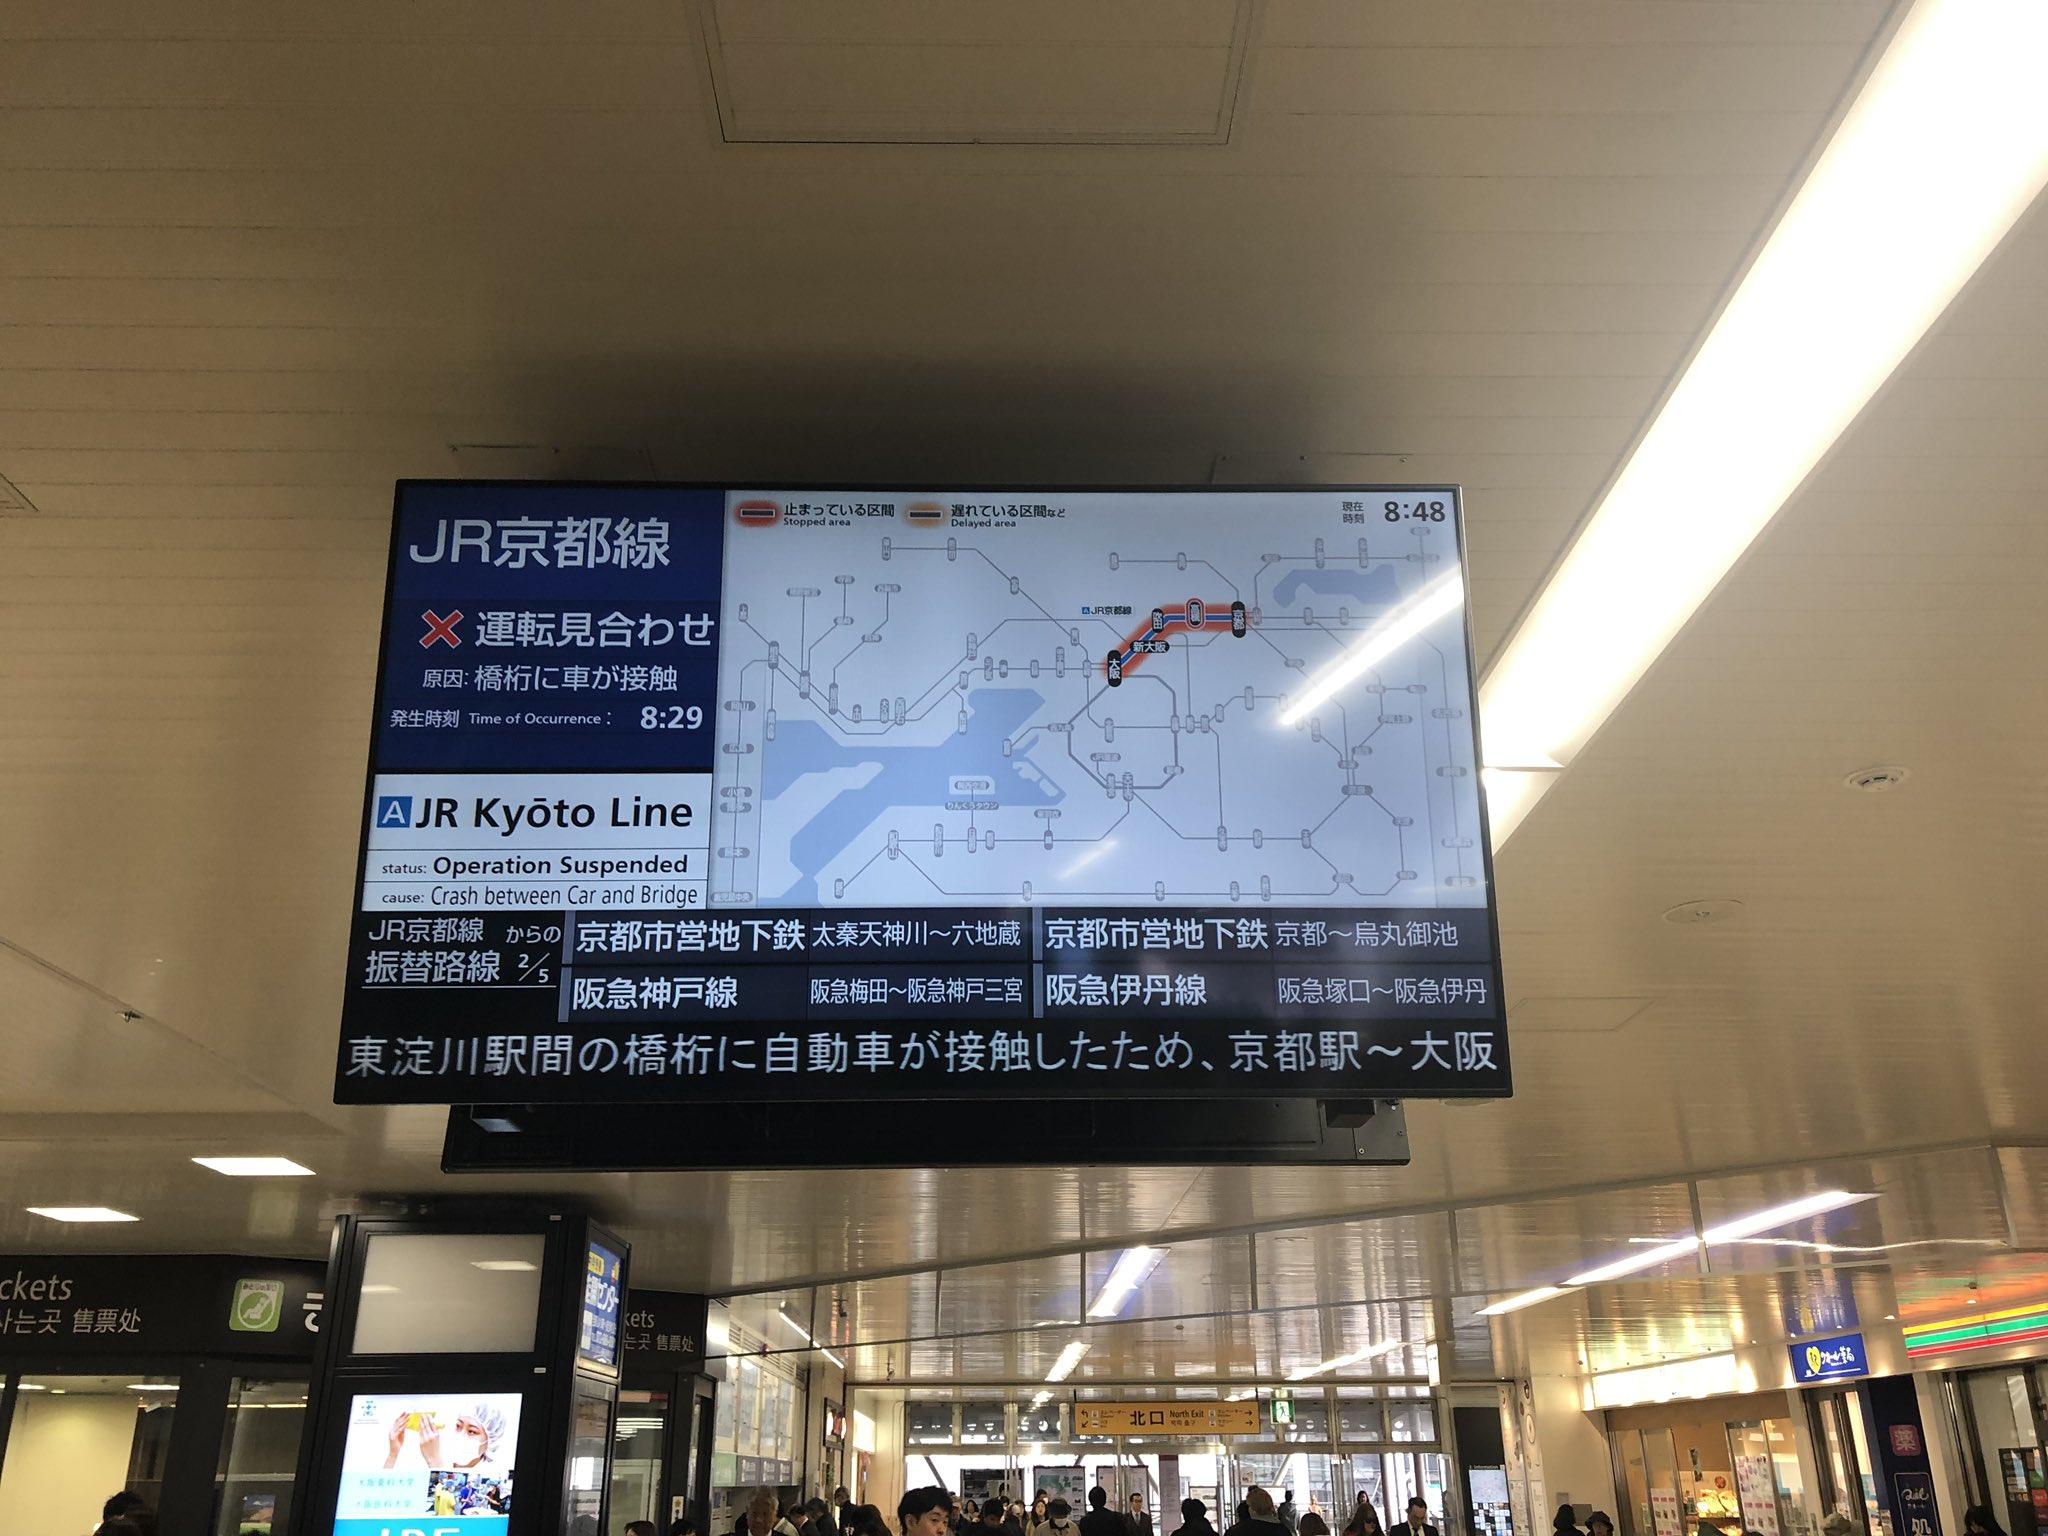 画像,JR京都線、運行ストップ。 https://t.co/GyMa2YtSer。